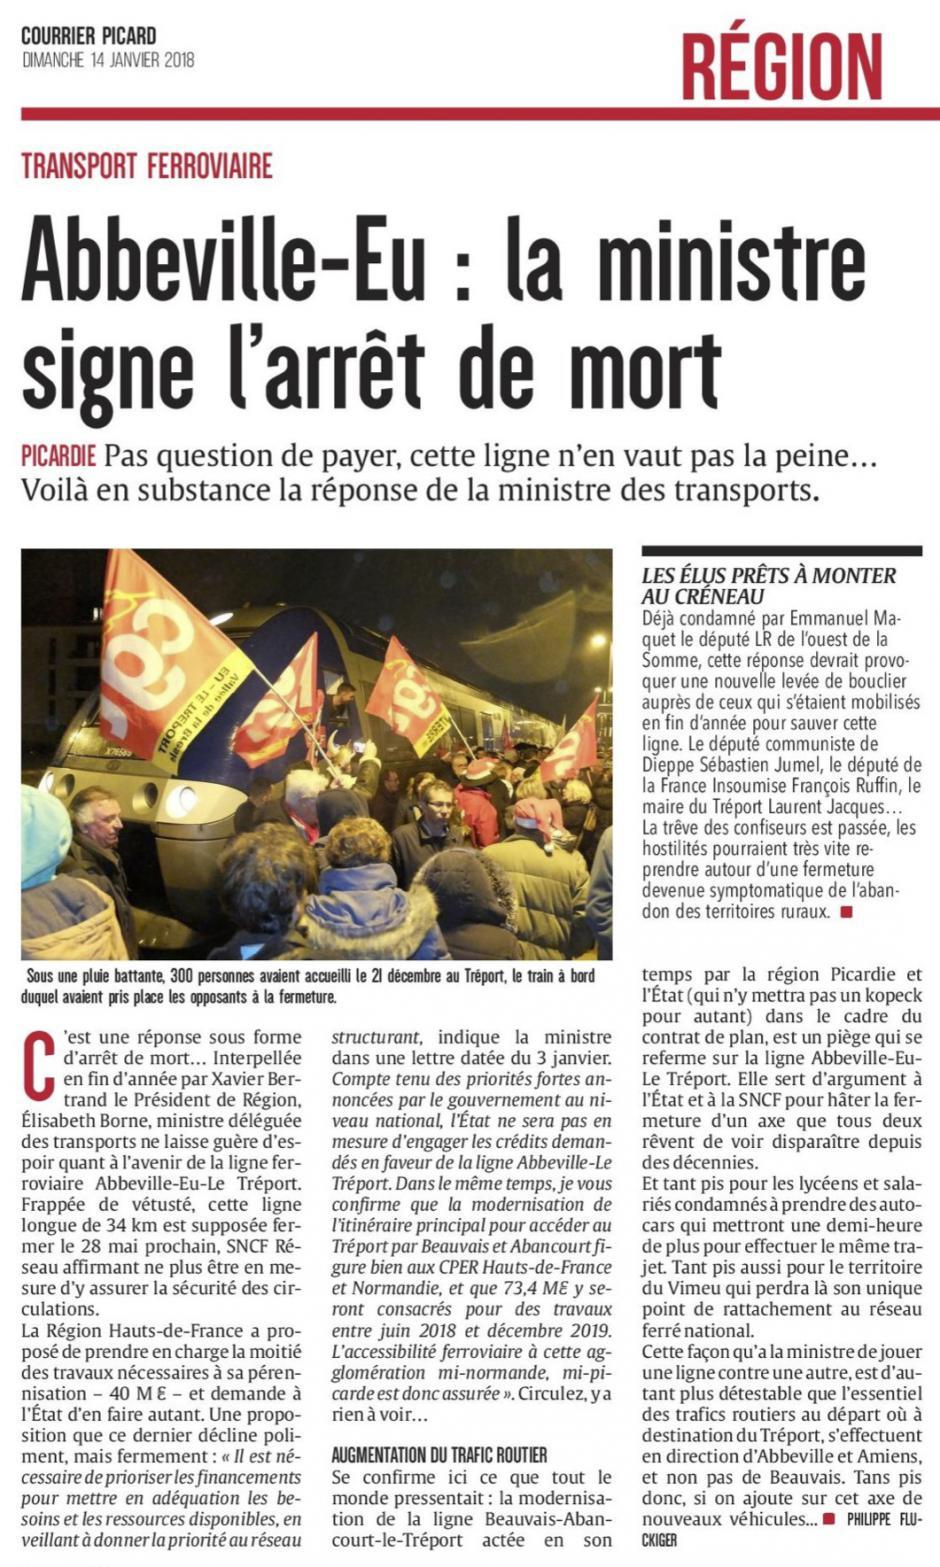 20180114-CP-Somme-Abbeville-Eu : la ministre signe l'arrêt de mort